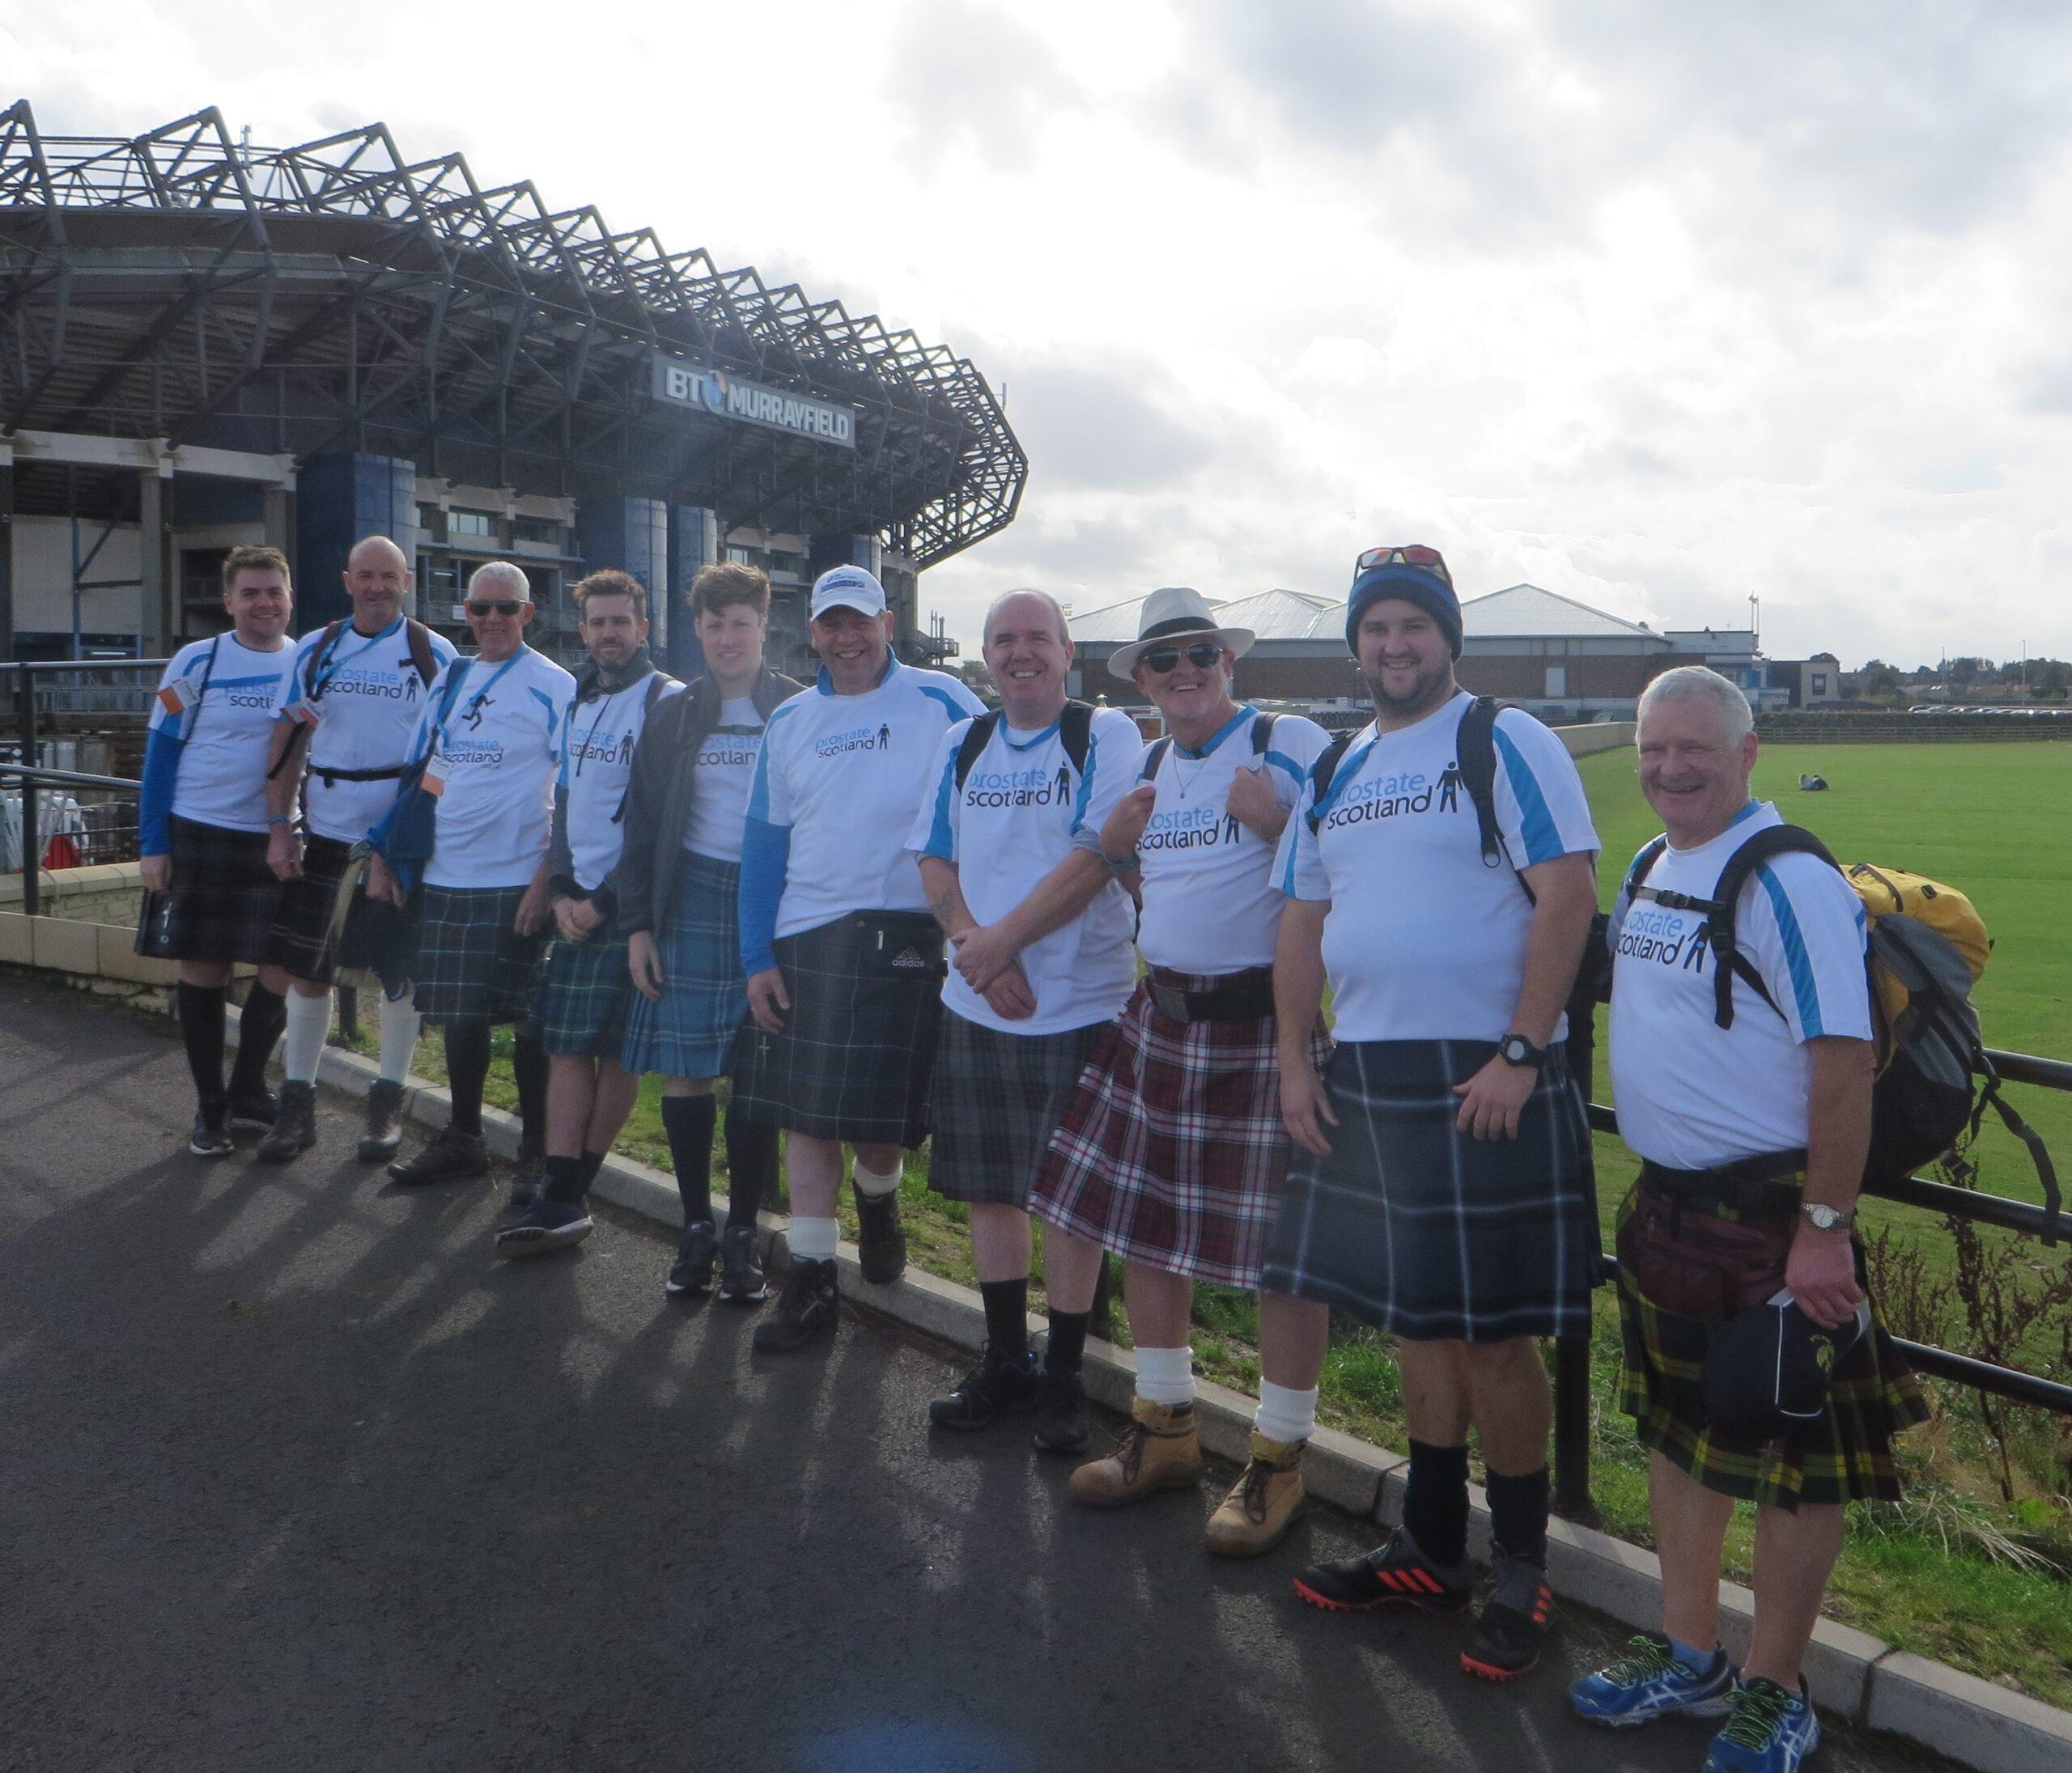 Team of Kiltwalkers at Murrayfield